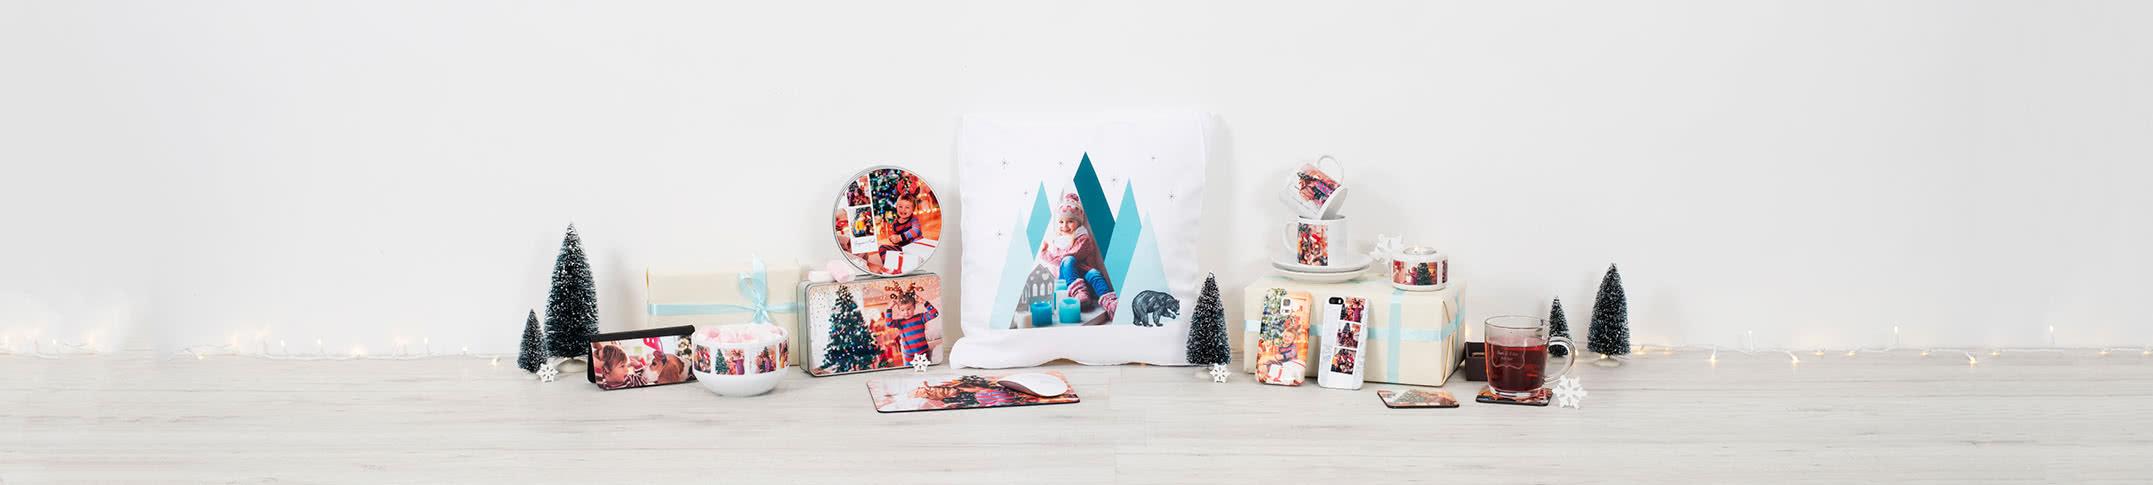 cadeaux de Noël personnalisé